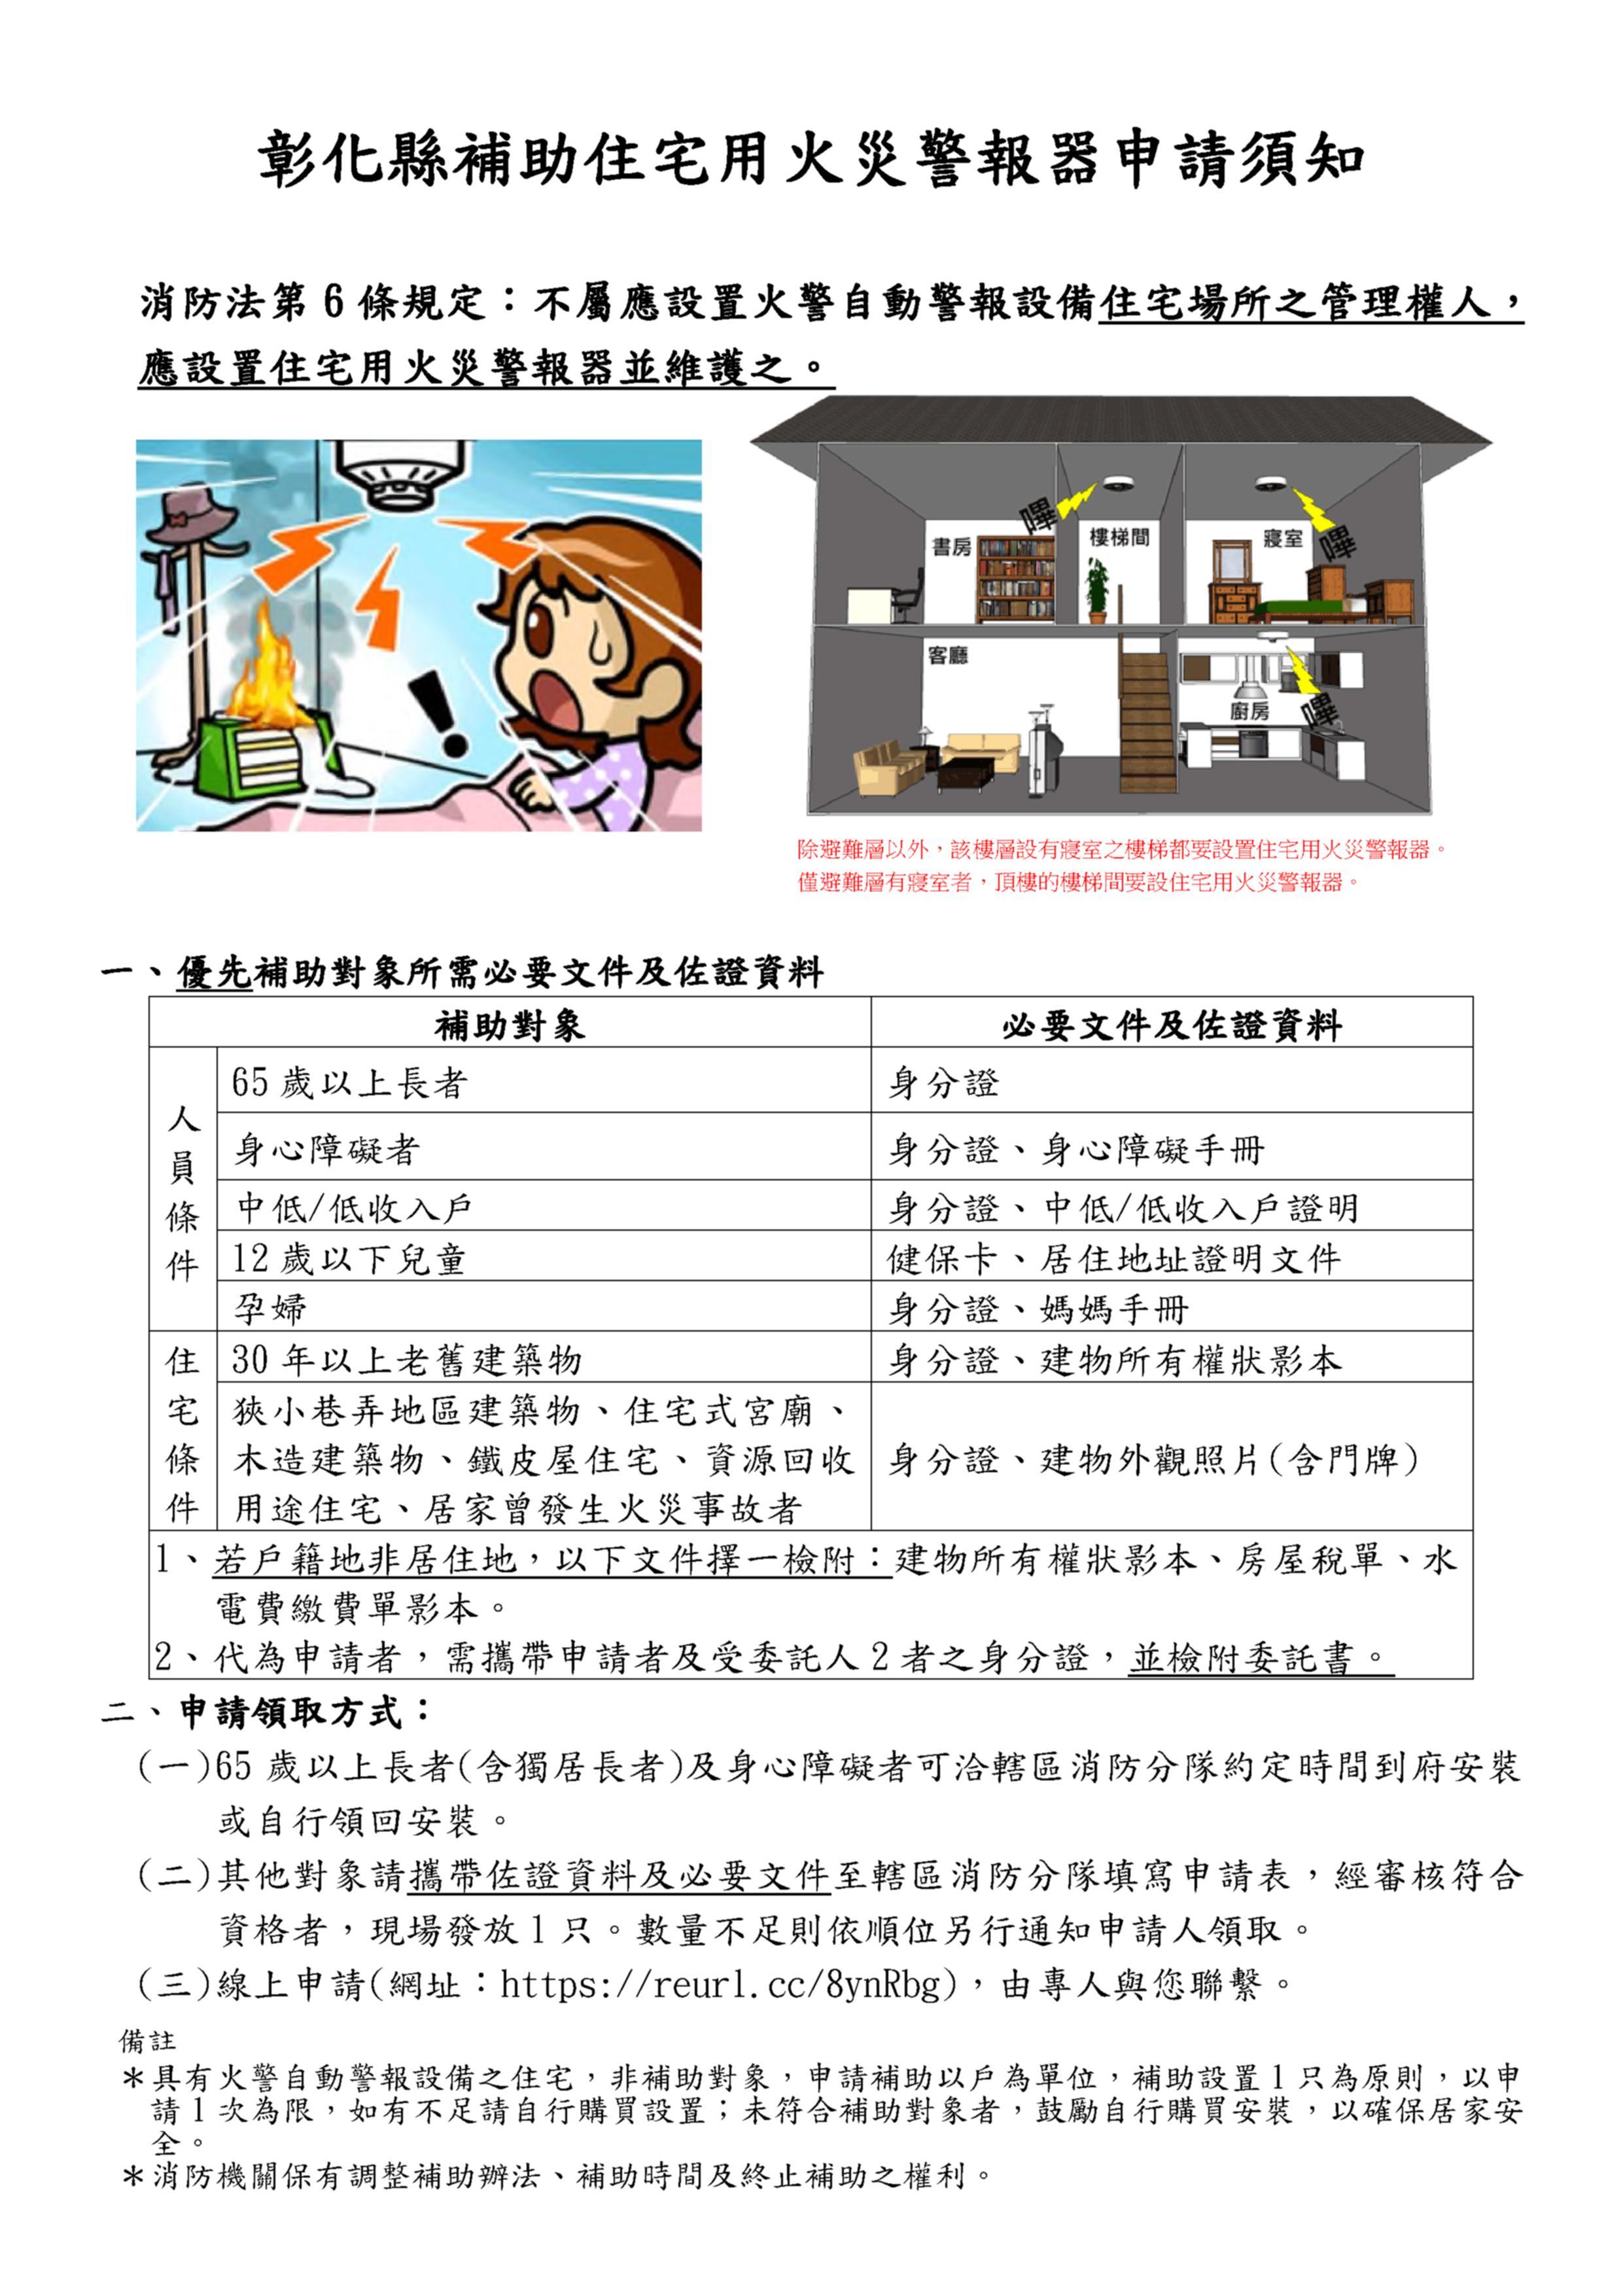 彰化縣住警器補助開放線上申請,家有65歲以上長輩、孕婦、12歲以下兒童都可以申請!